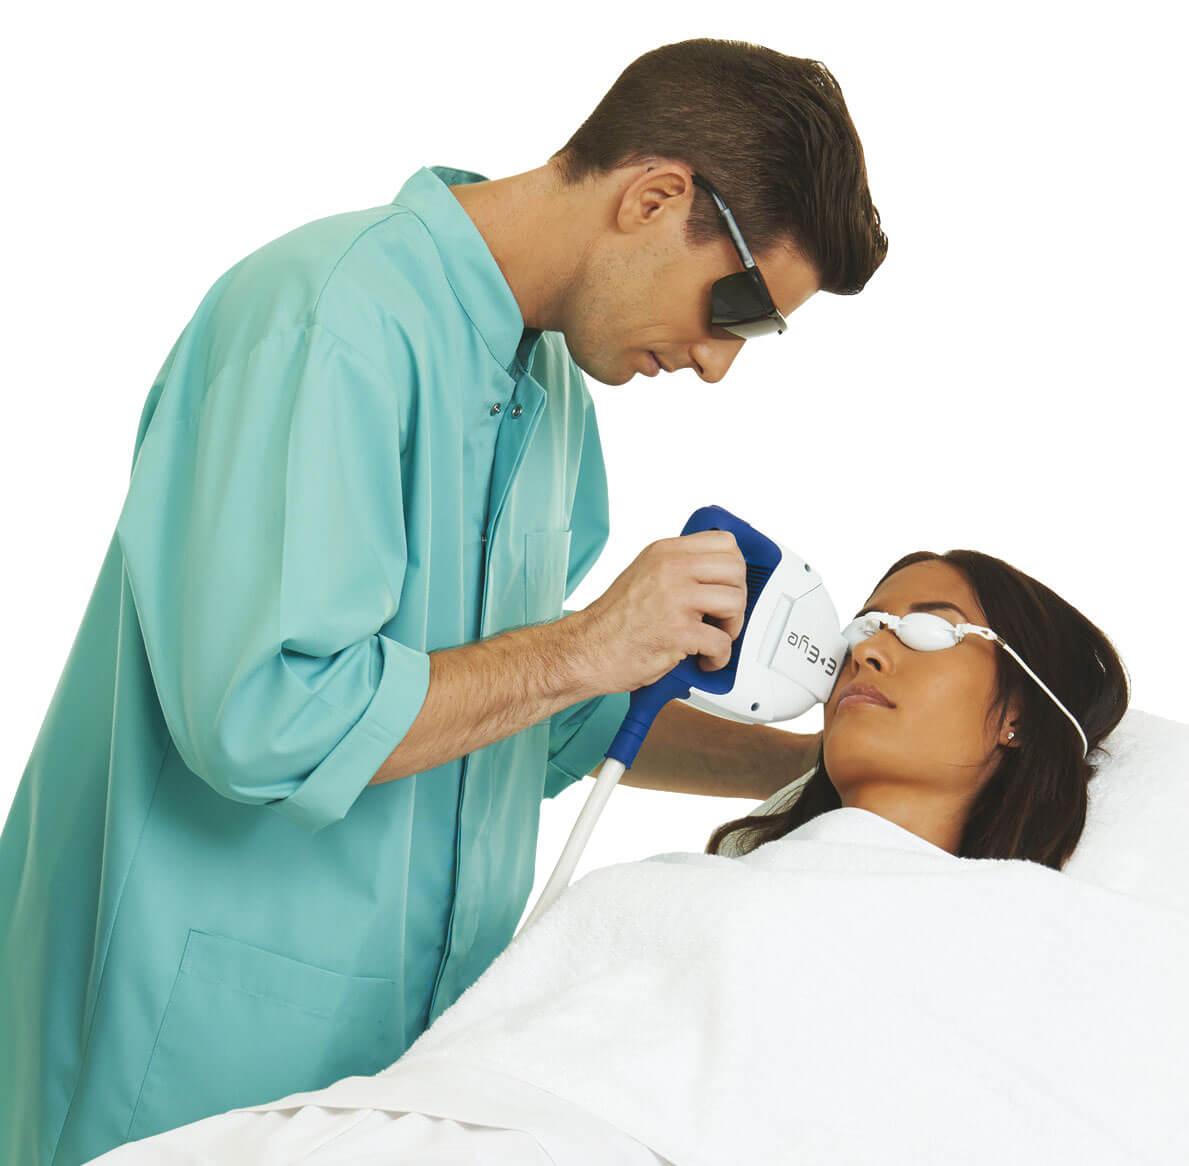 E-Eye - Meibomin rauhasten hoitolaite kuivasilmäisyyteen